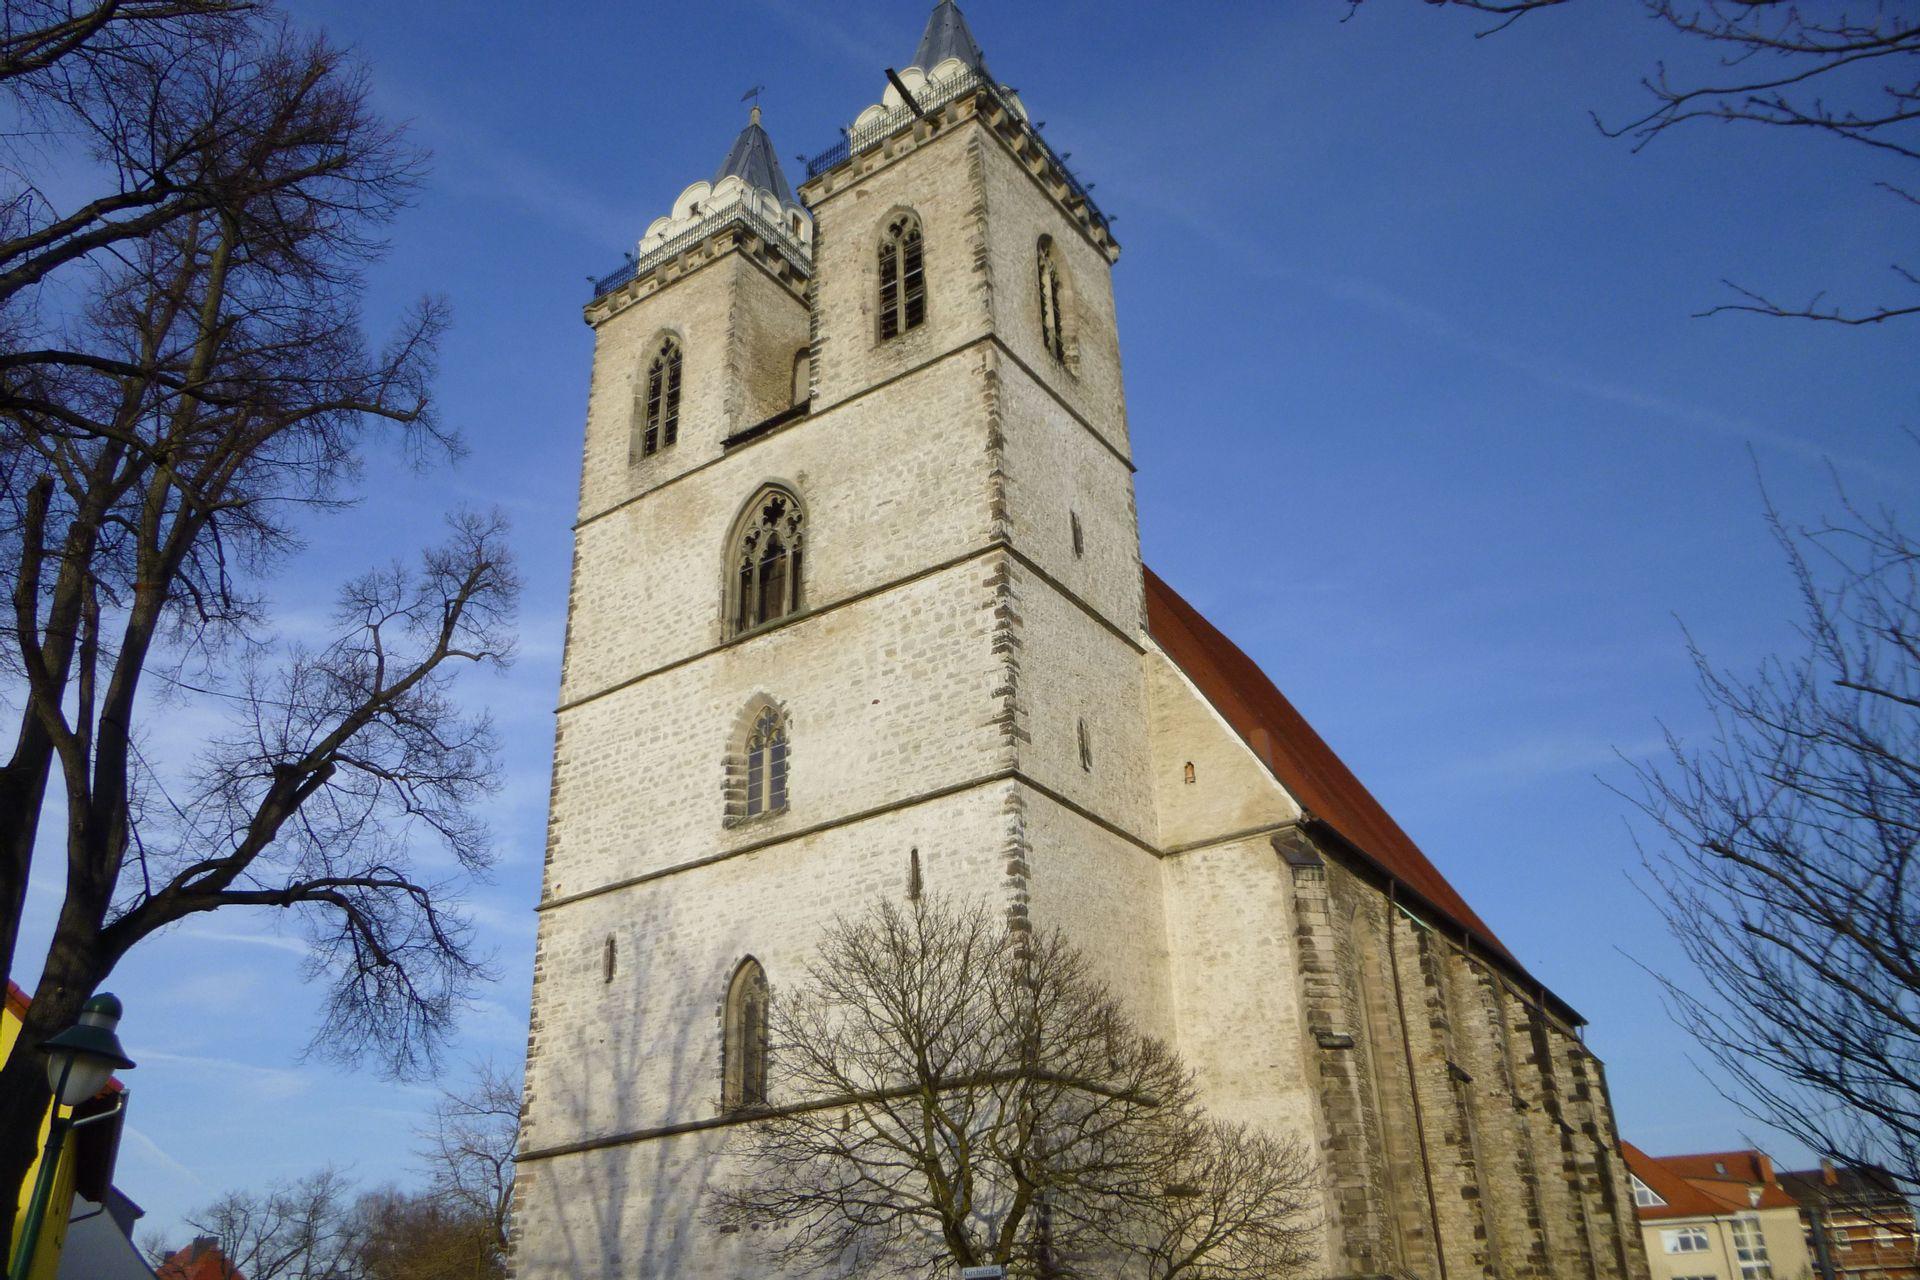 Kirchenführung St. - Johannis (Bad Salzelmen -